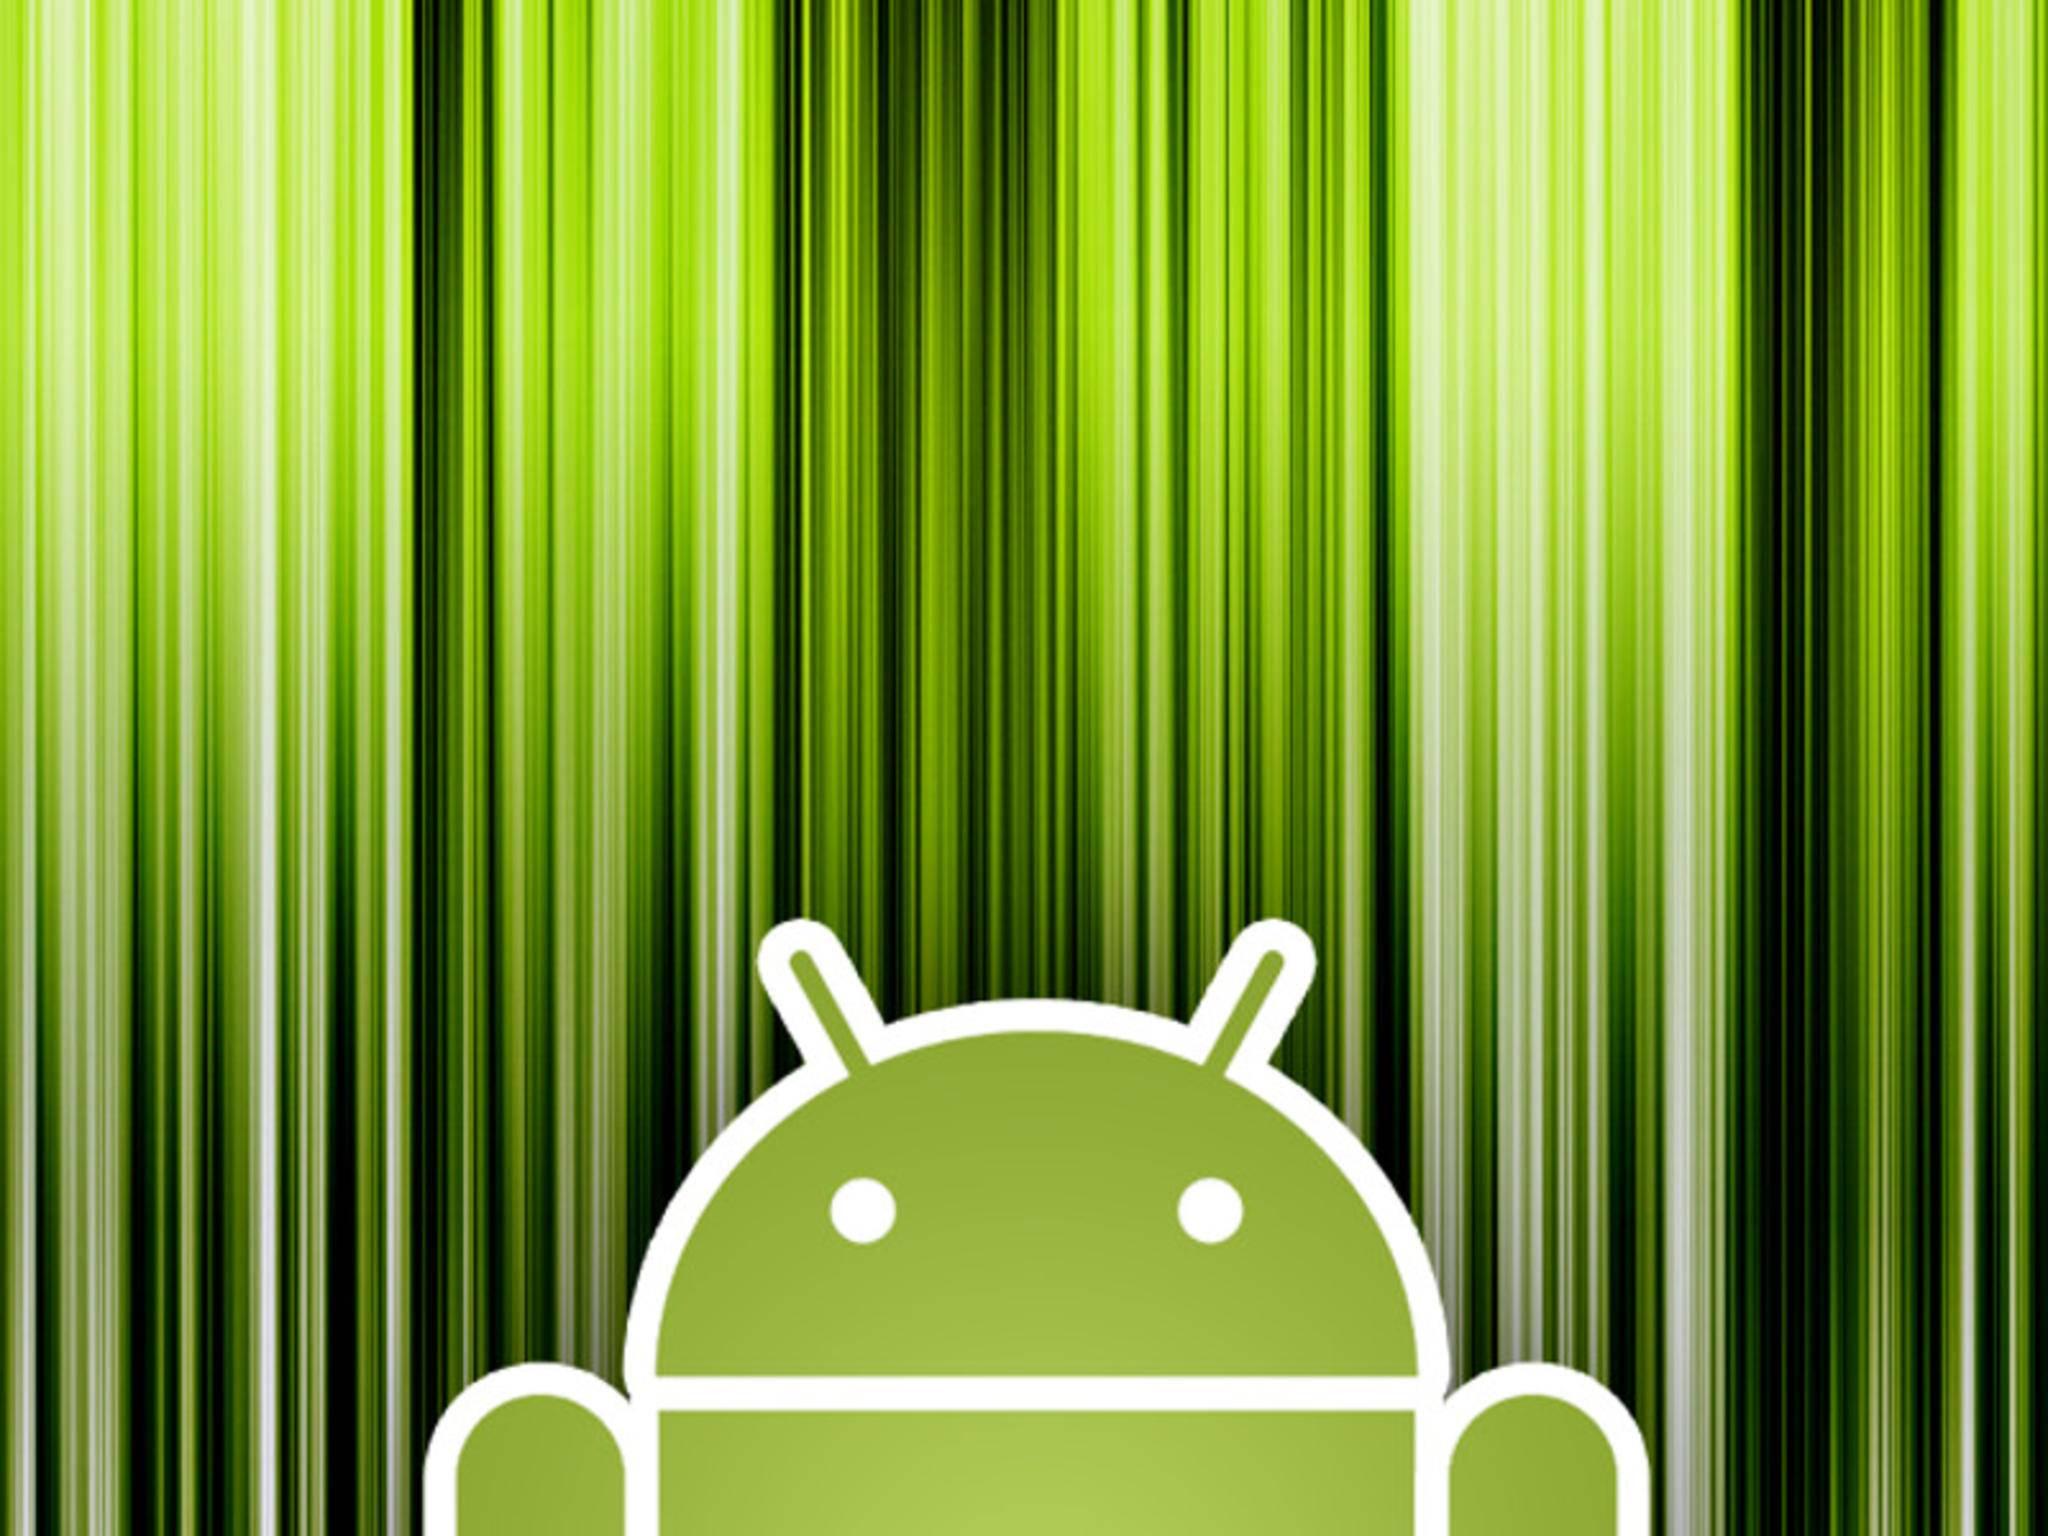 Android 7.0 N dürfte im Sommer 2016 vorgestellt werden.